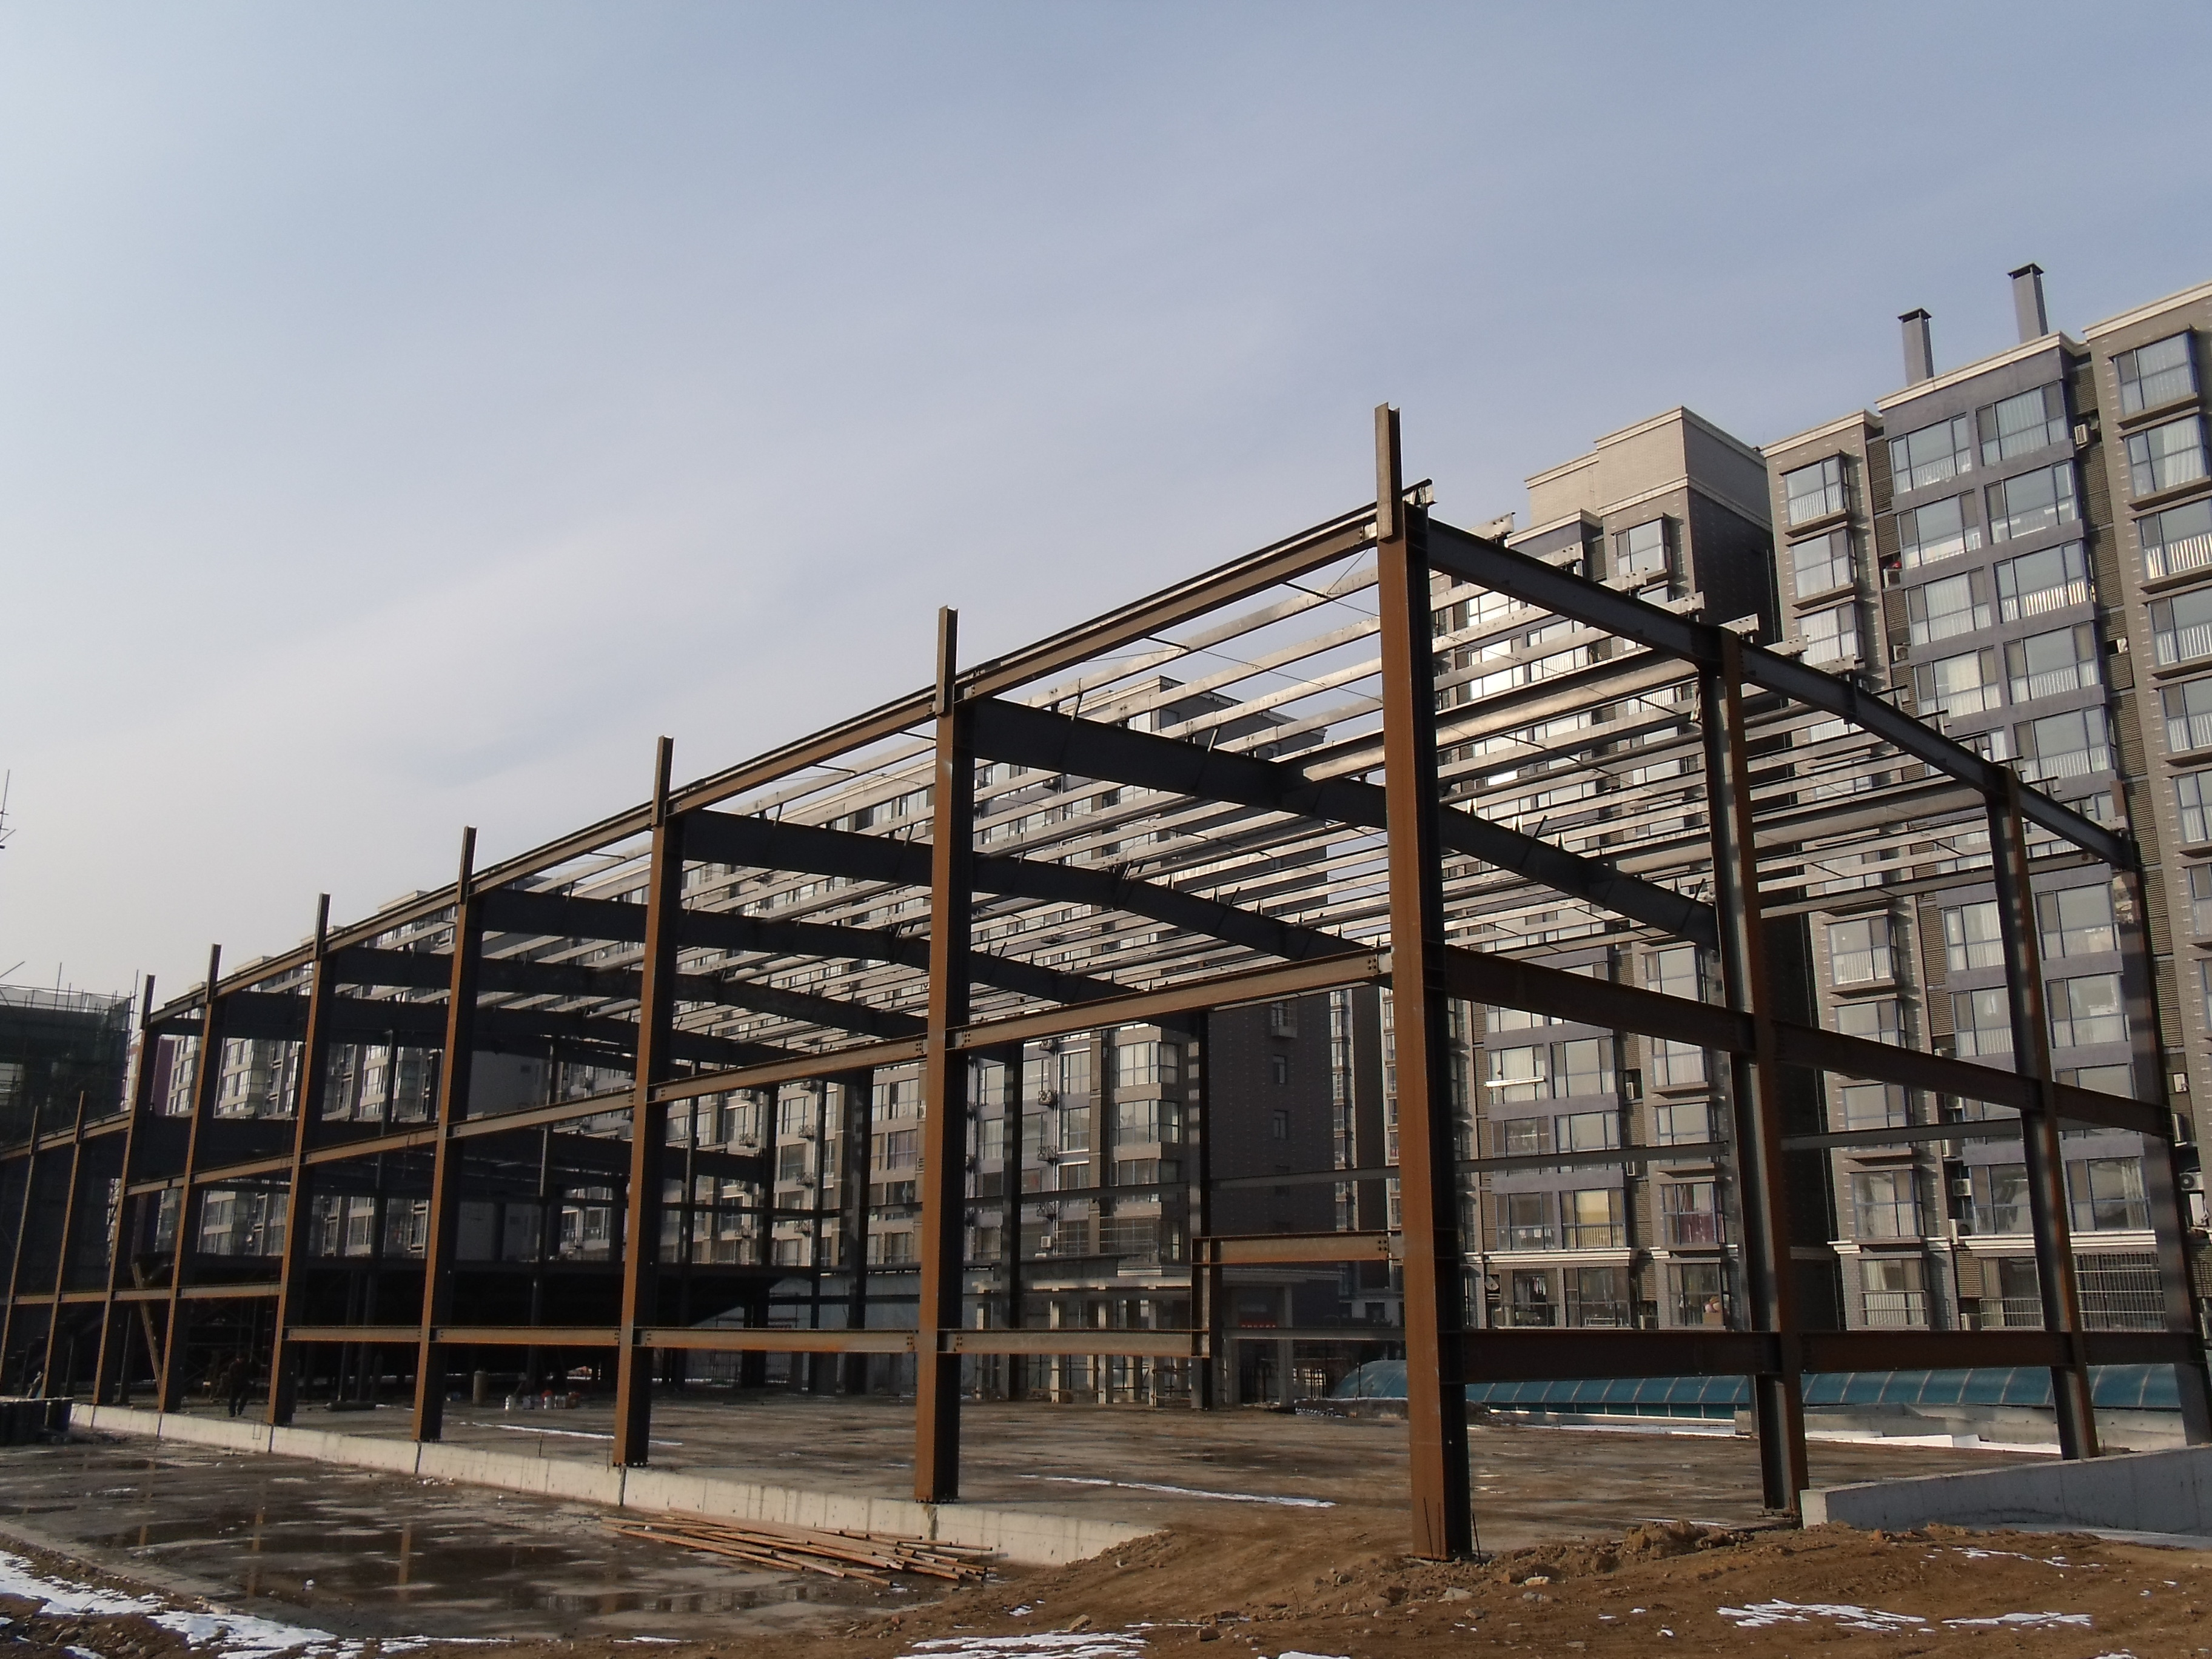 钢结构住宅符合绿色循环发展的需要